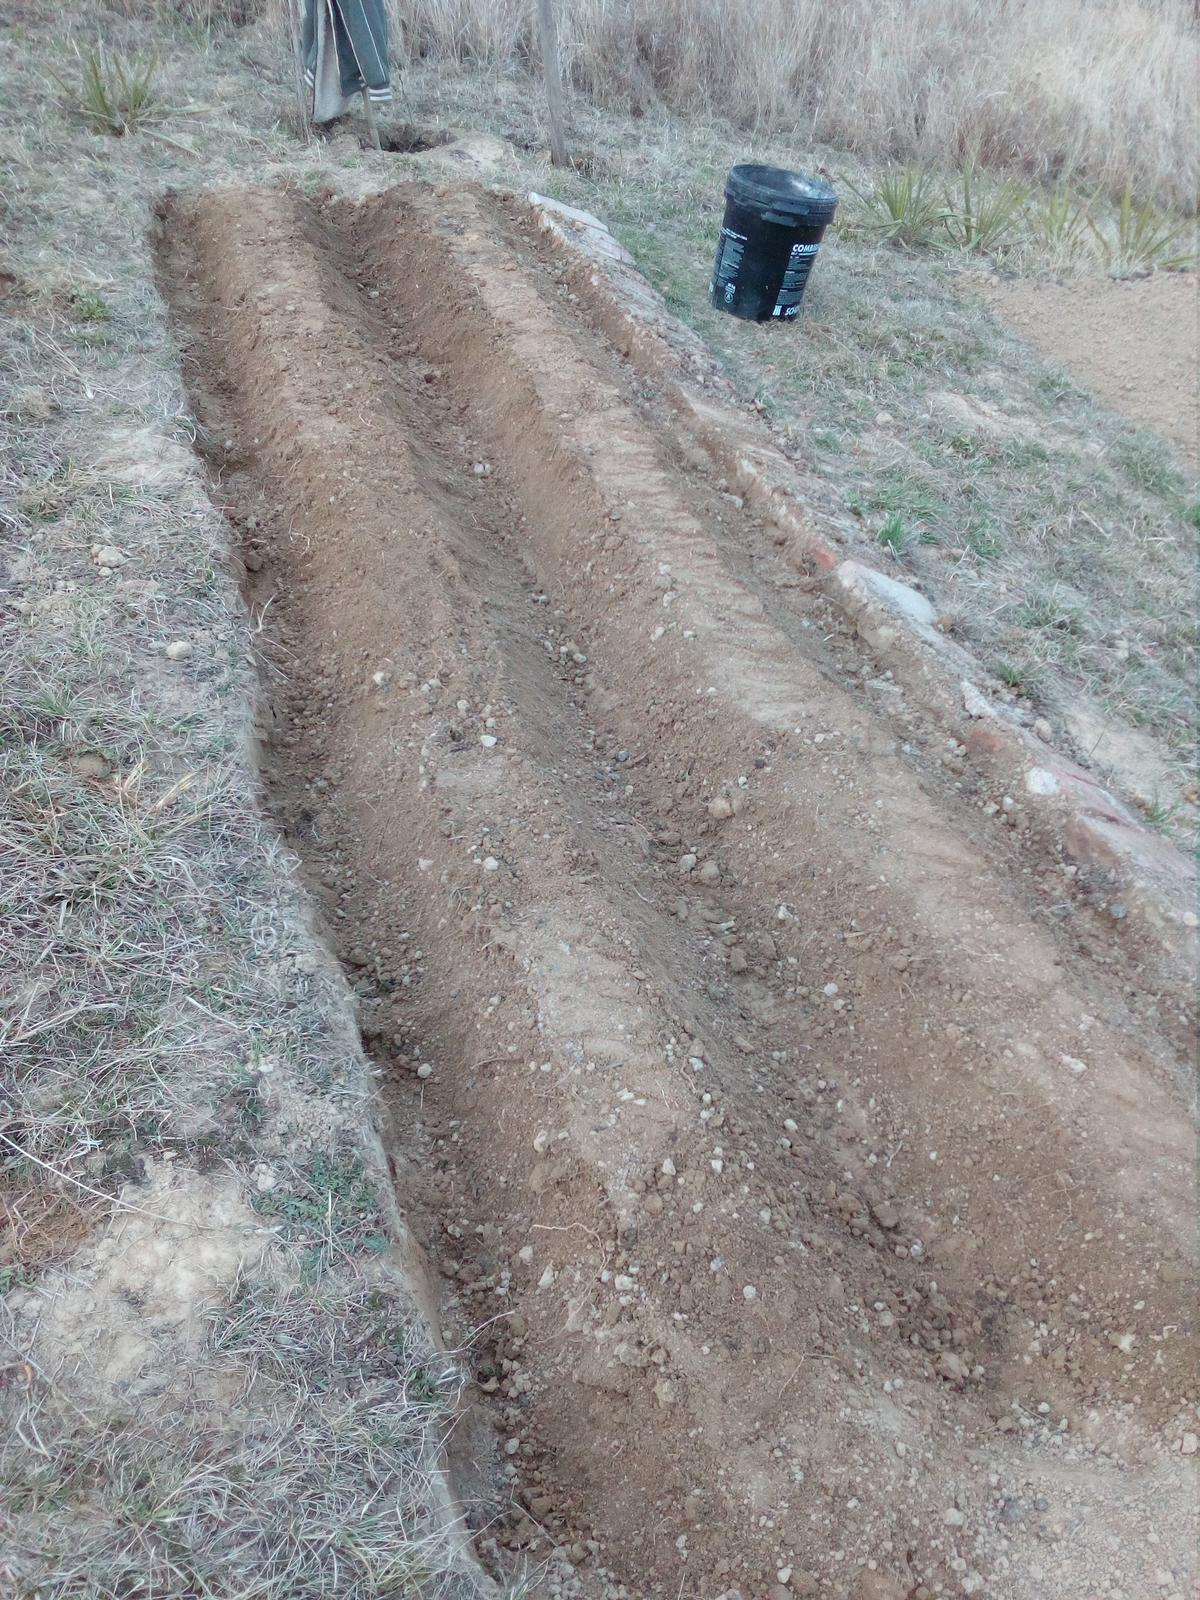 Okolie domu, záhrada - jar - skúšali sme hrobovanie mrkvy. Máme krásnu dlhú hrubú mrkvičku. Len tie hroby by mal ibyť ešte širšie.